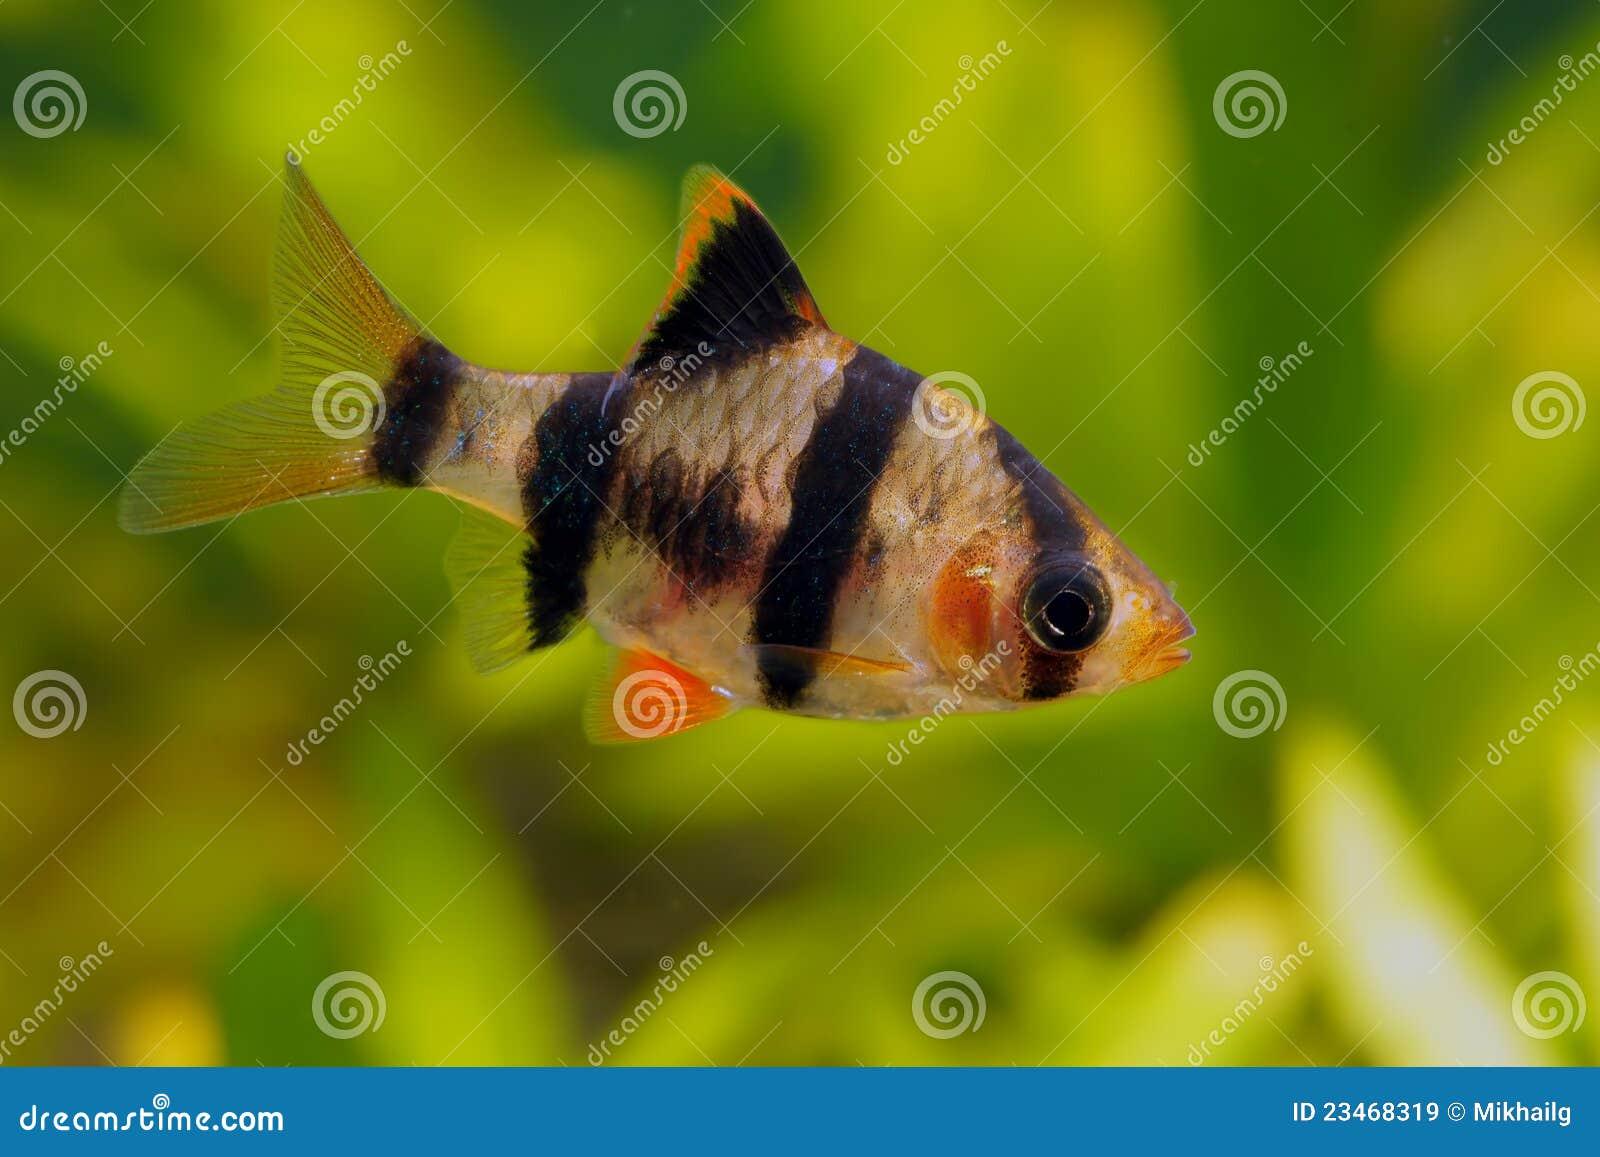 Tiger barb or Sumatra barb fish in the aquarium.